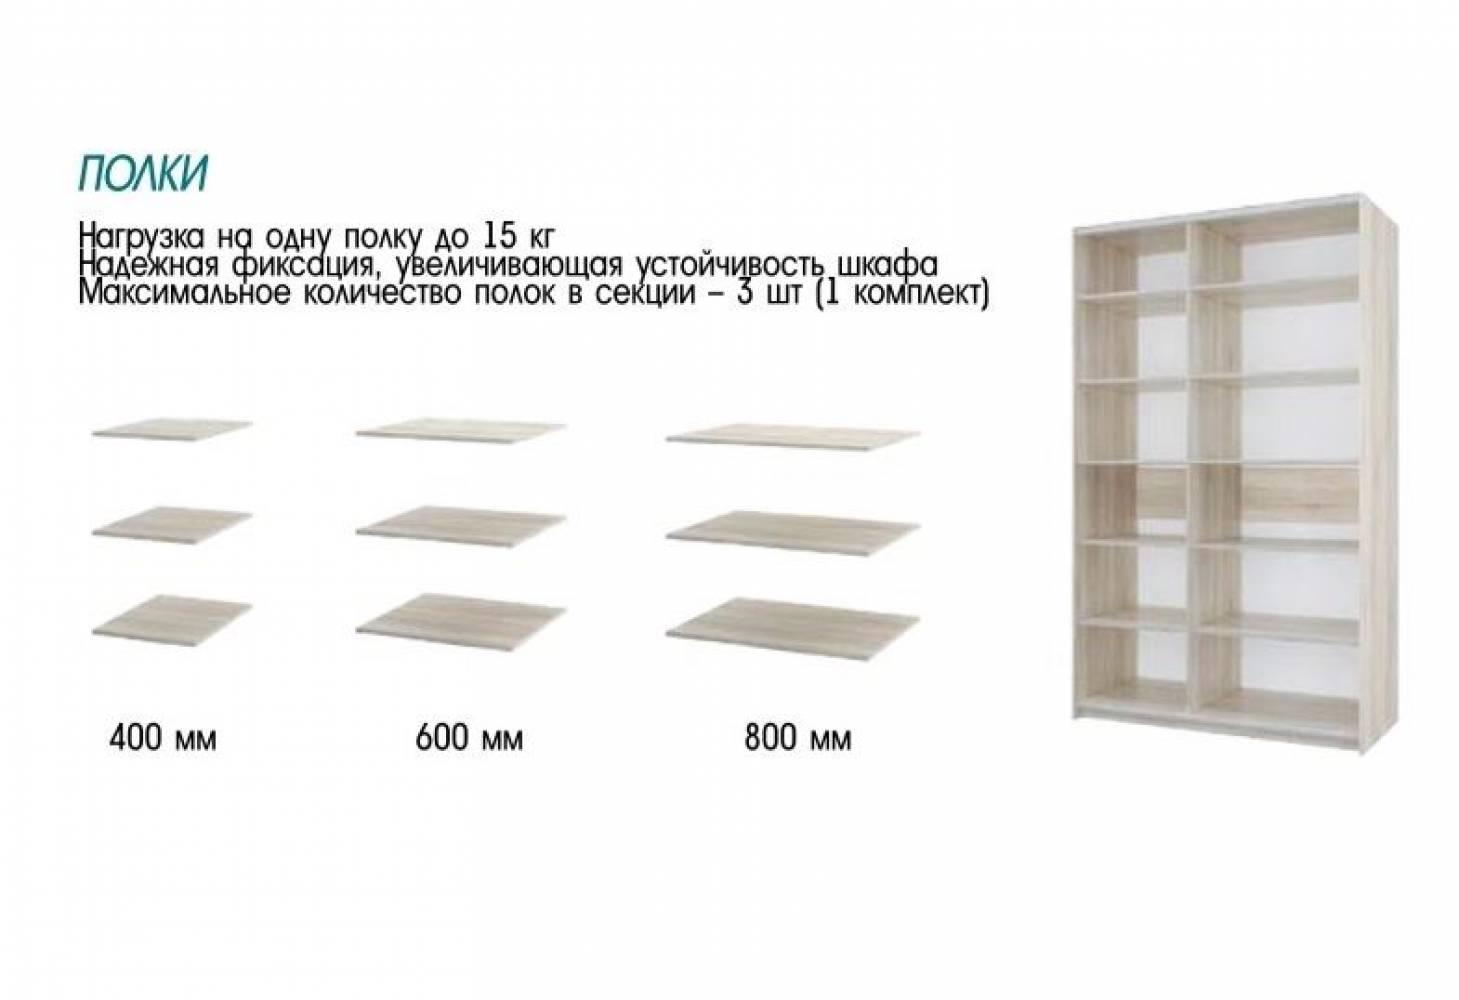 Шкаф Фортуна-15 (1600) 400/400/400/400